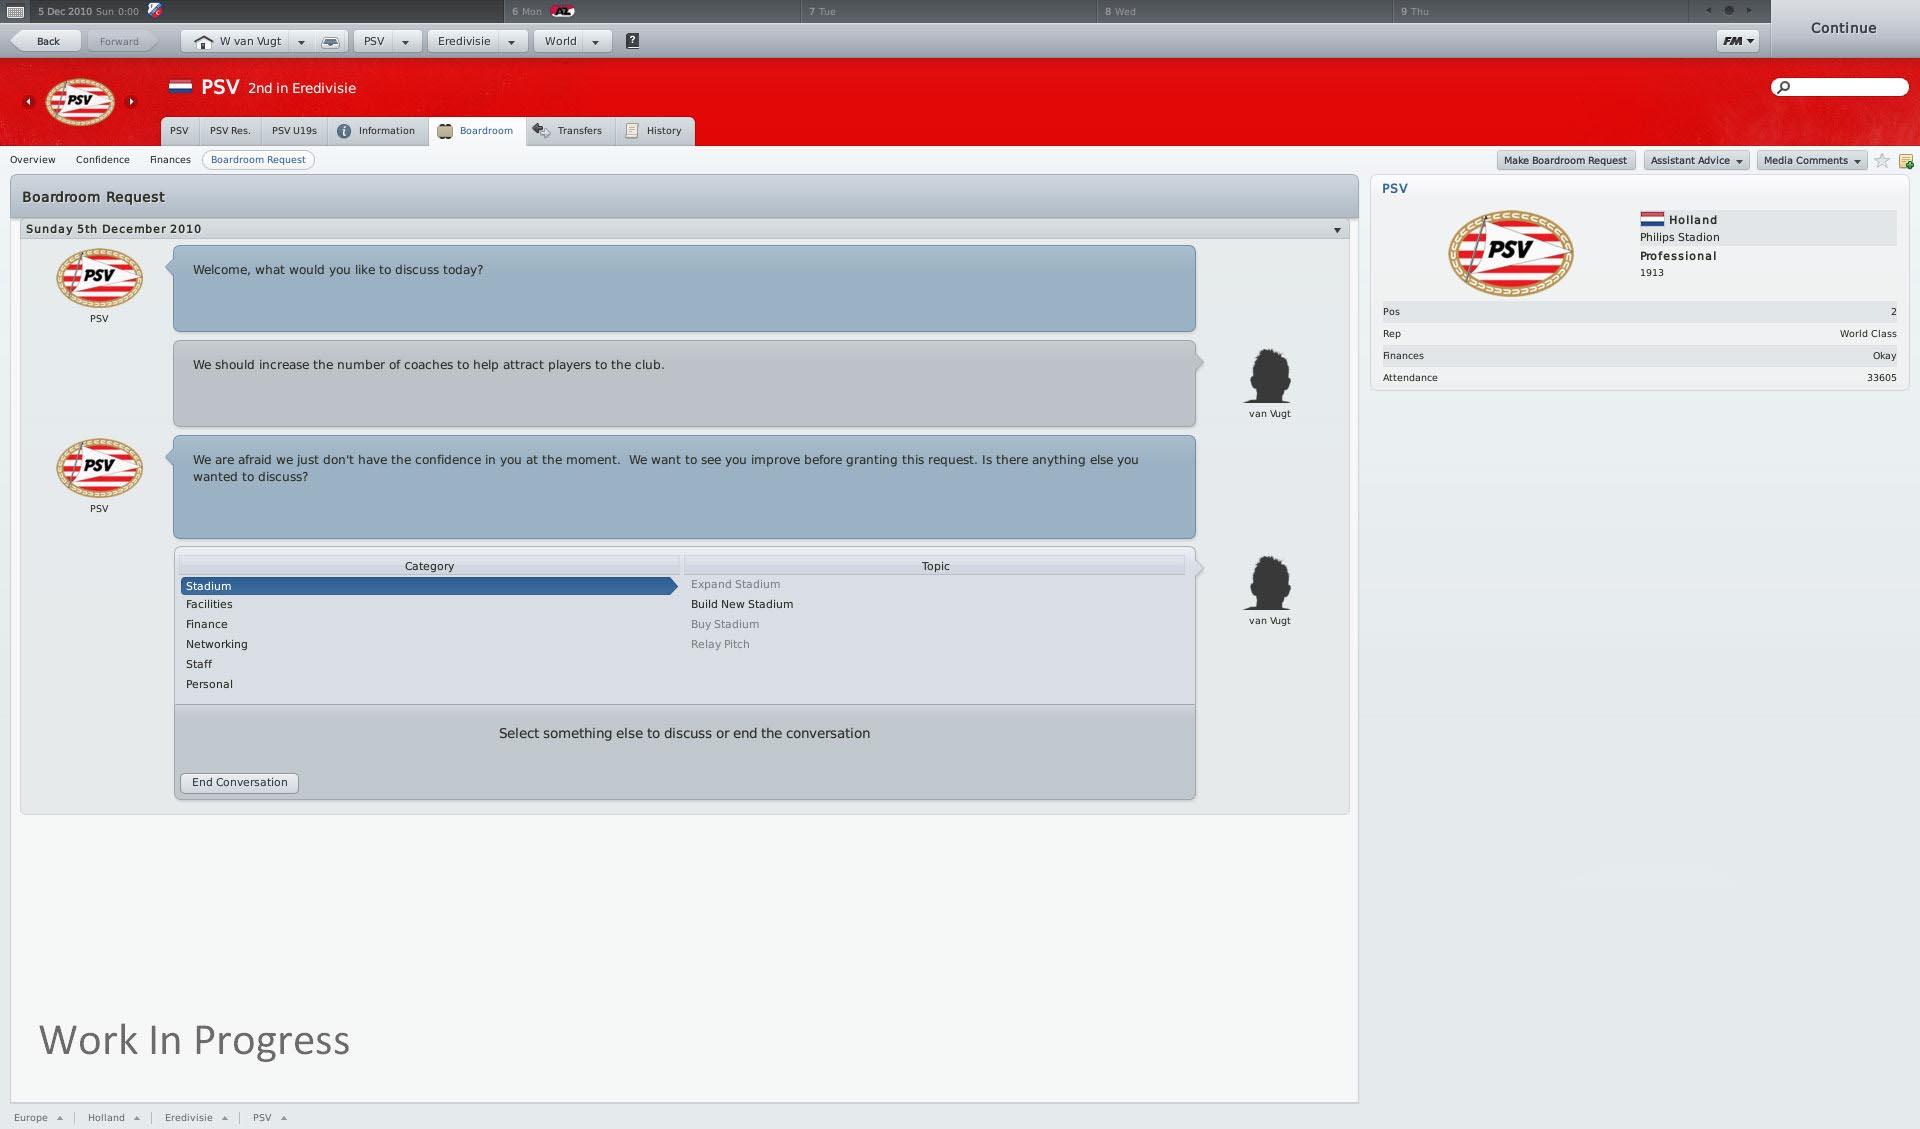 Tento týden dva dema Football Manager 2011 12301